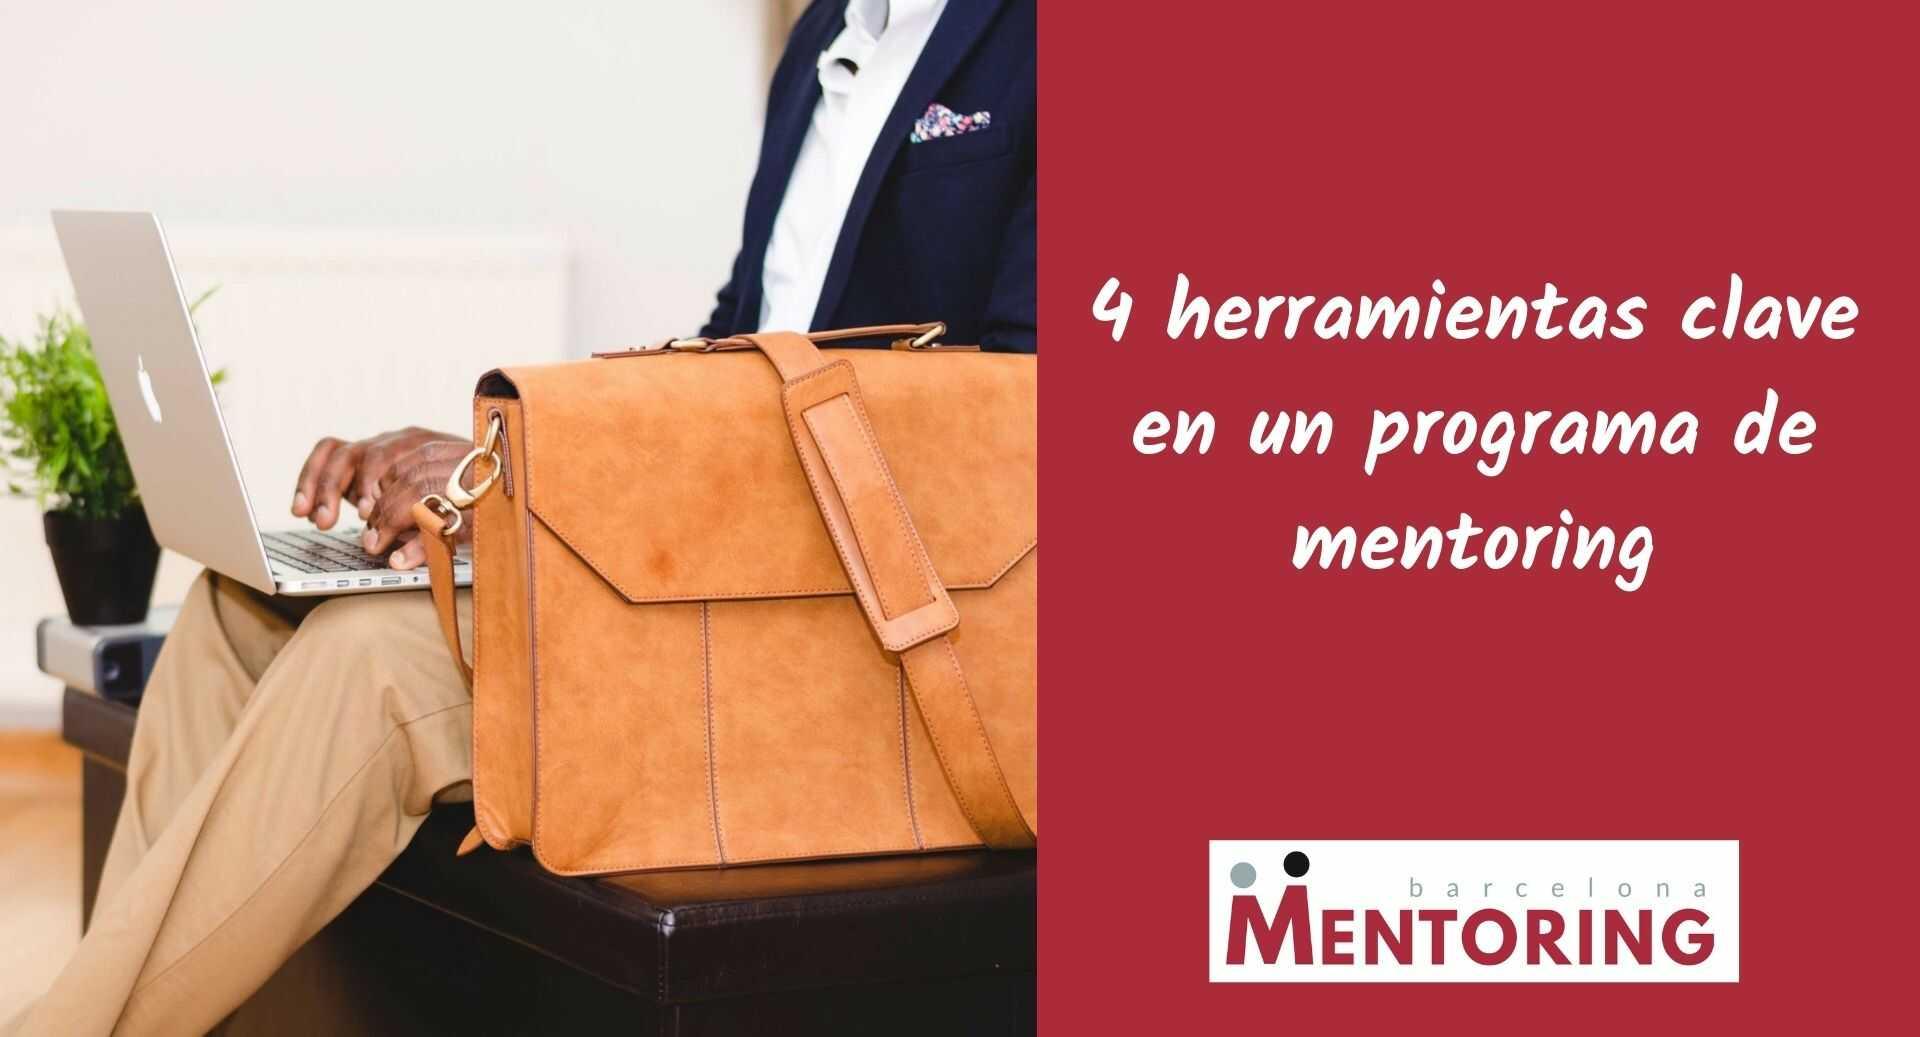 herramientas en un programa de mentoring